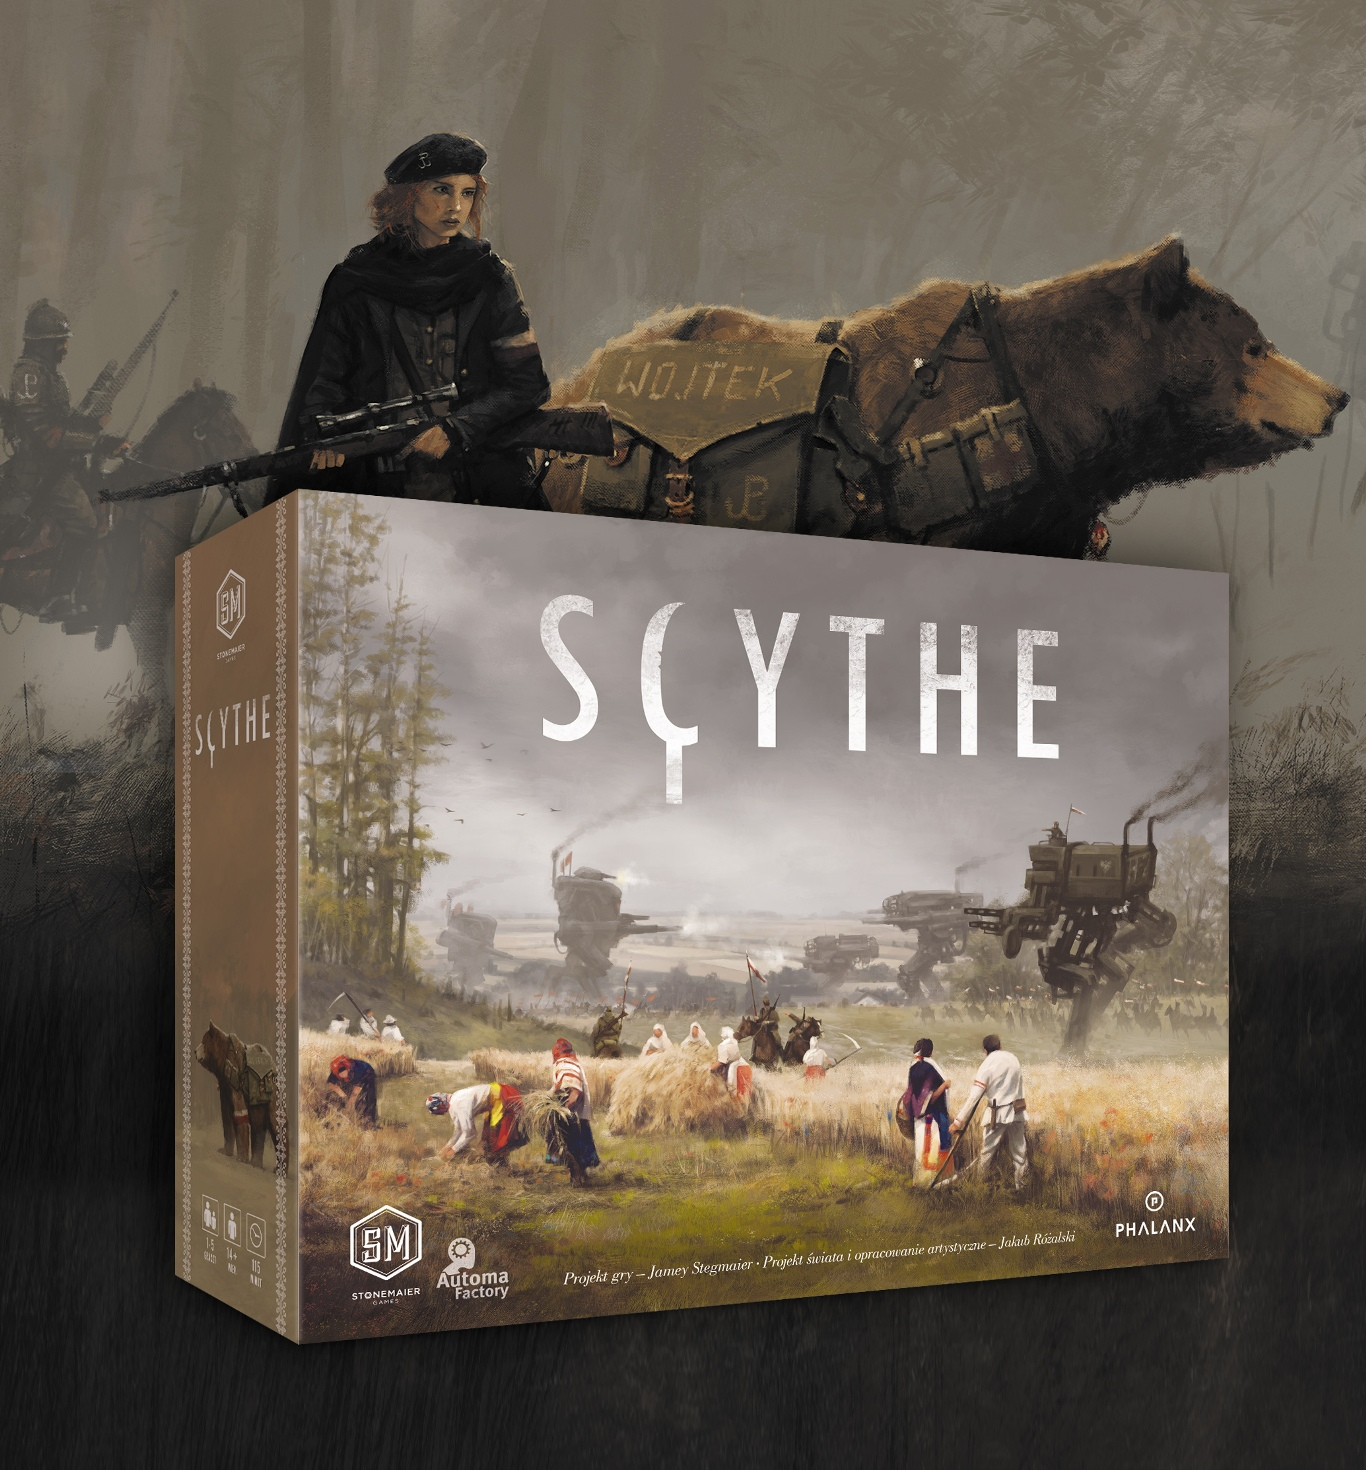 Scythe_box3D_front+art